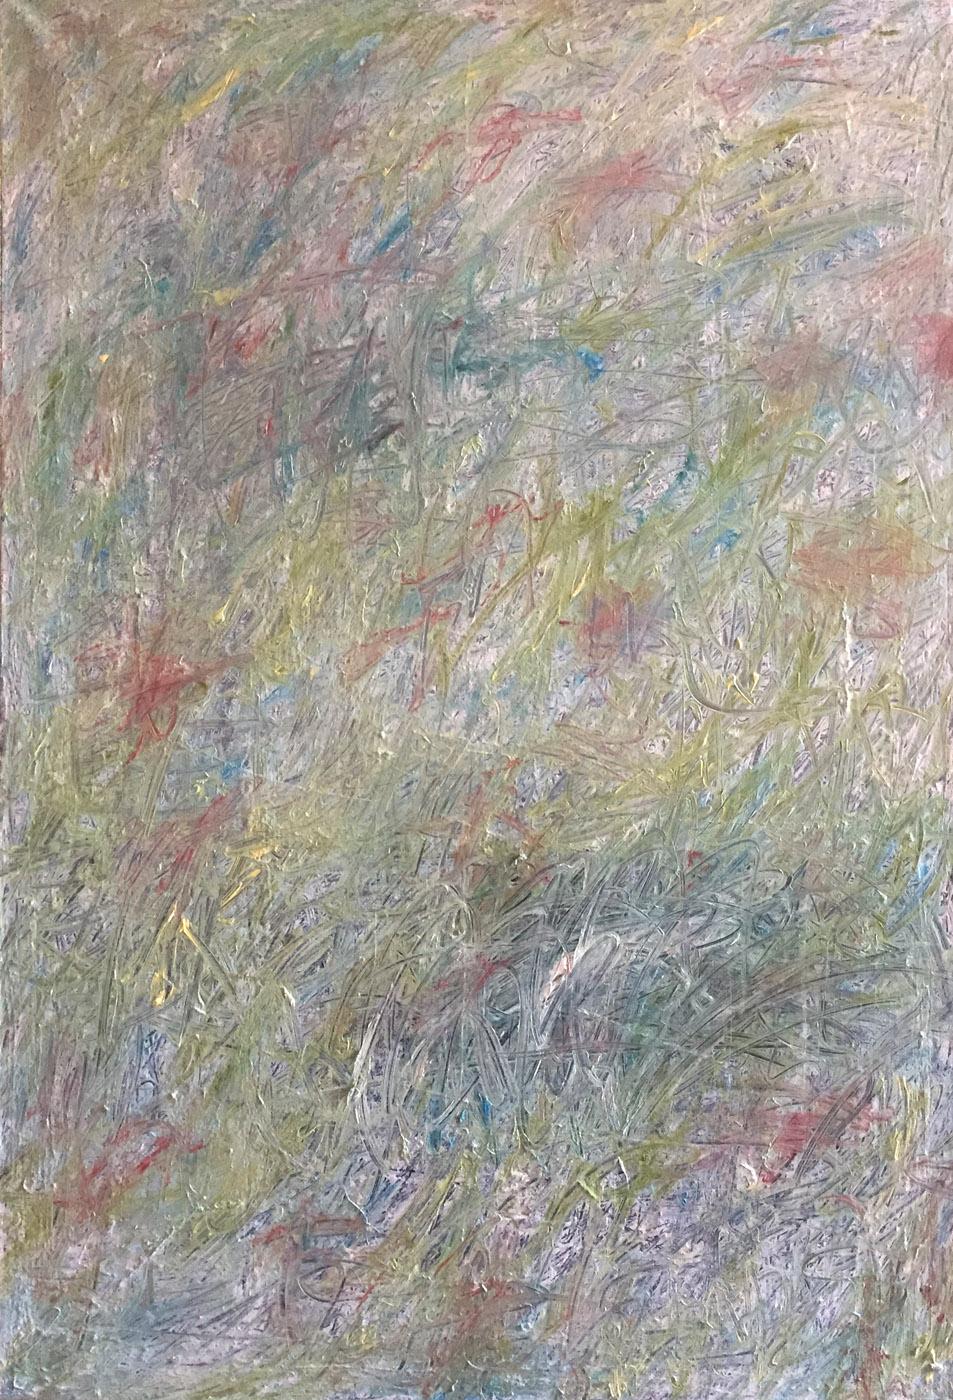 MARC FELD 2019 PRAIRIE Huile et acrylique sur toile 89 x 130 cm